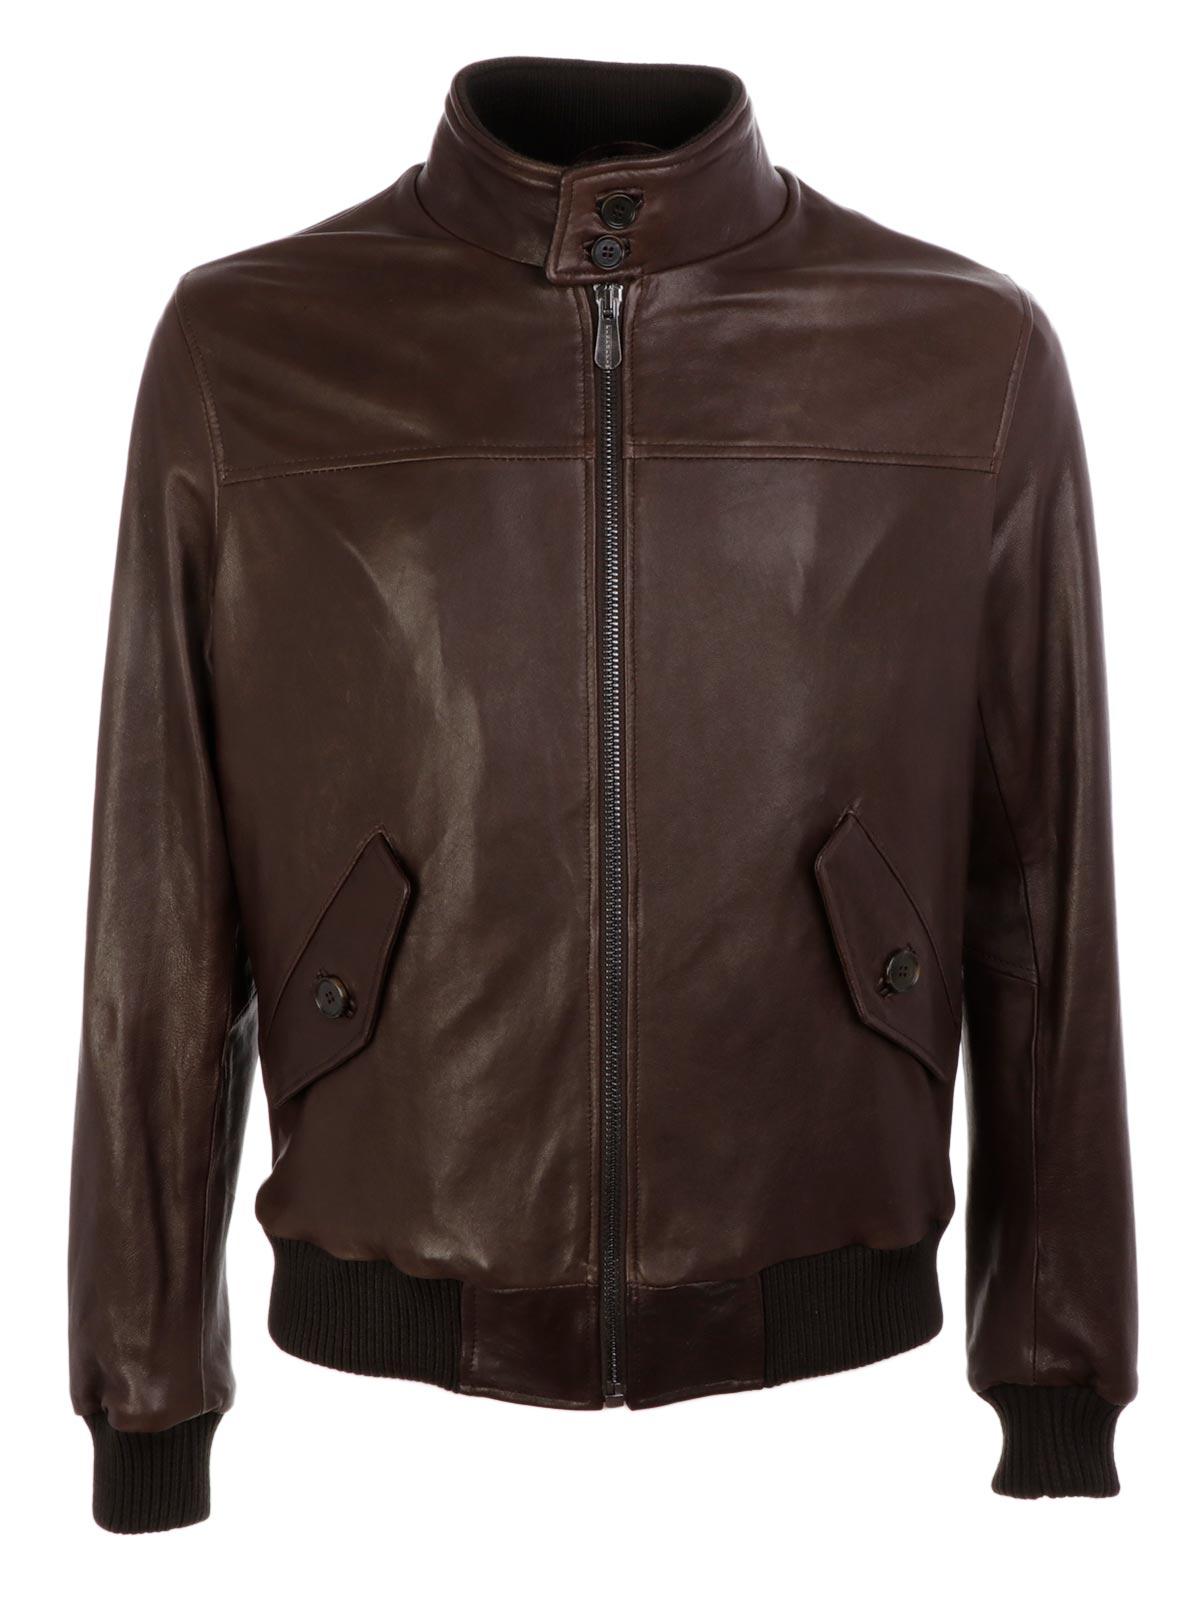 Picture of PERPHECTO | Men's Leather Jacket Bjon